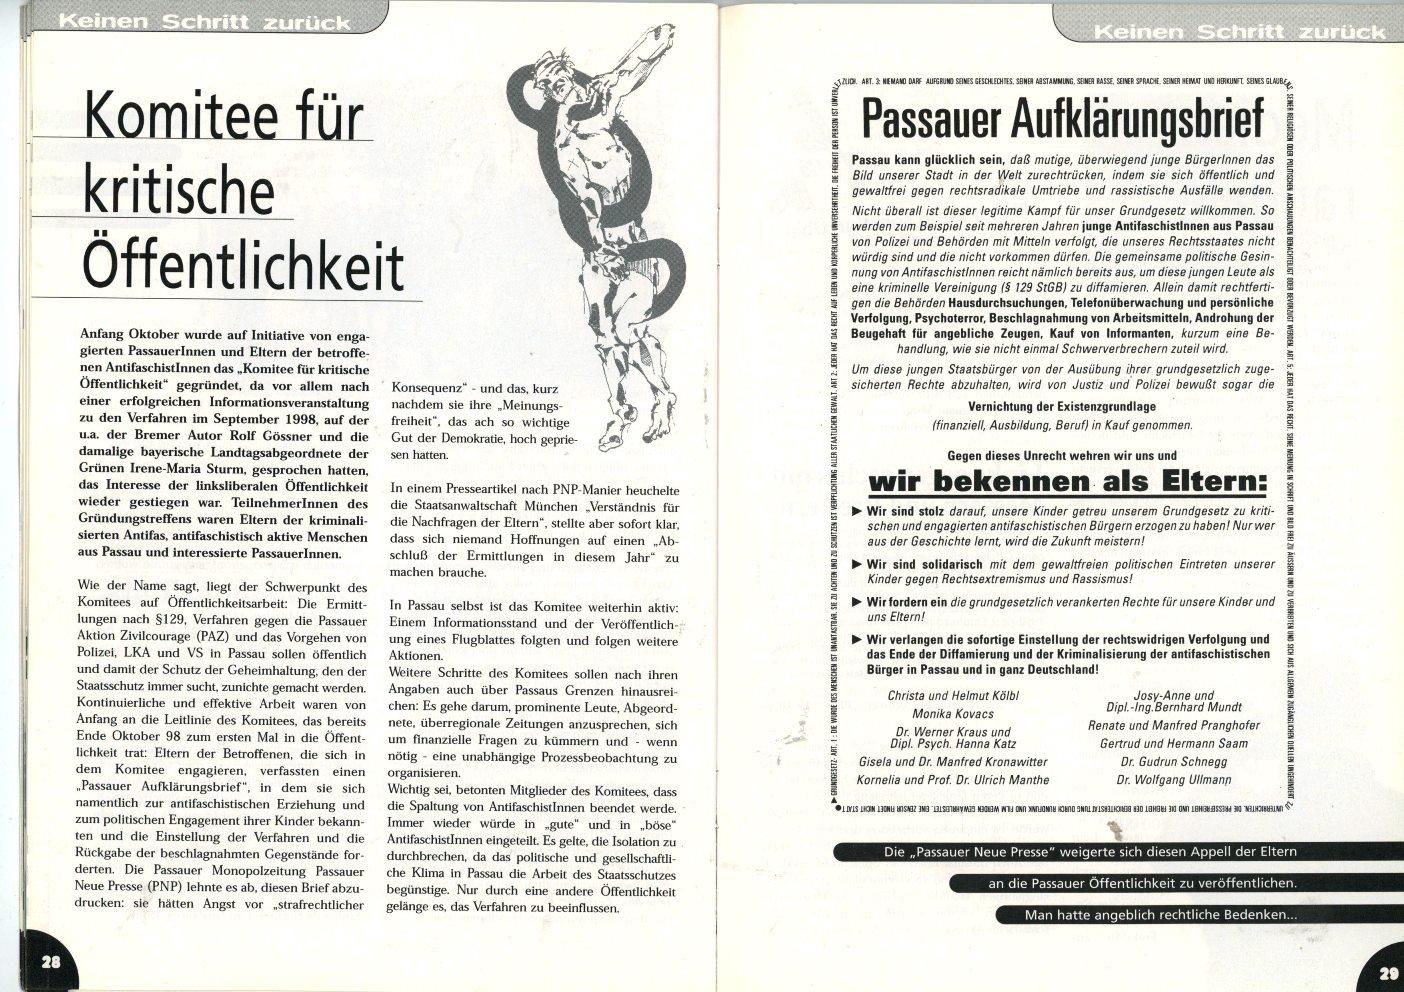 Passau_RH_1998_Keinen_Schritt_zurueck_15